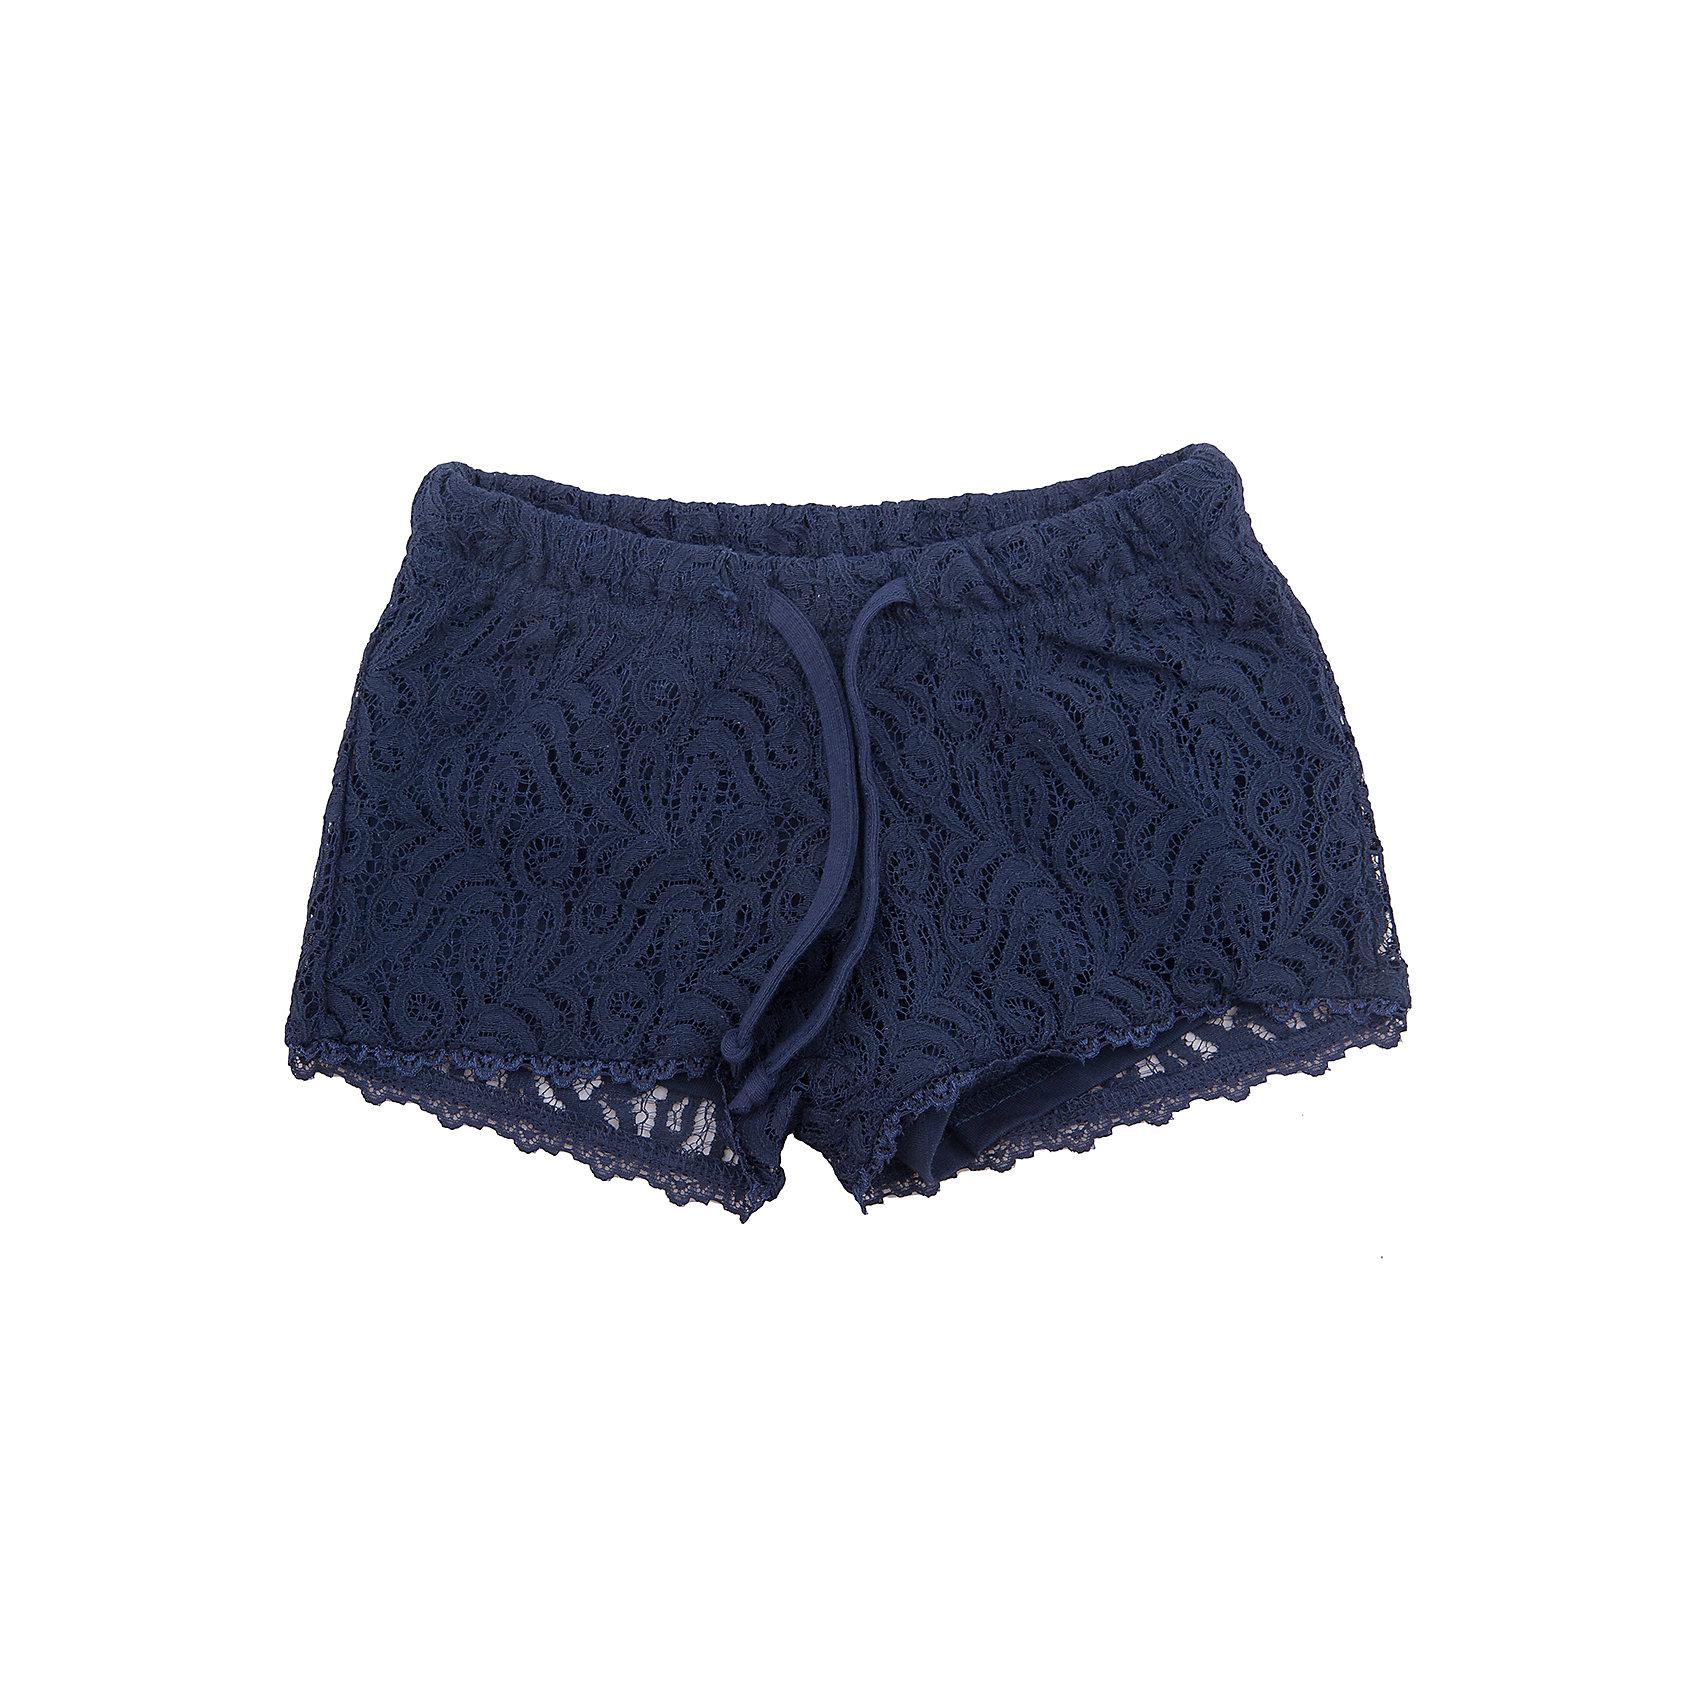 Шорты для девочки ScoolШорты, бриджи, капри<br>Кружевные шорты созданы по последним трендам современной детской моды. Подкладка из натуральной ткани. Модель на поясе снабжена регулируемым шнуром - кулиской. Натуральный материал подкладки приятен к телу и не вызывает раздражений, хорошо вентилируется.<br>Состав:<br>Верх: 80% хлопок, 20% полиамид; подкладка: 95% хлопок, 5% эластан<br><br>Ширина мм: 191<br>Глубина мм: 10<br>Высота мм: 175<br>Вес г: 273<br>Цвет: синий<br>Возраст от месяцев: 96<br>Возраст до месяцев: 108<br>Пол: Женский<br>Возраст: Детский<br>Размер: 134,164,140,146,152,158<br>SKU: 5604205